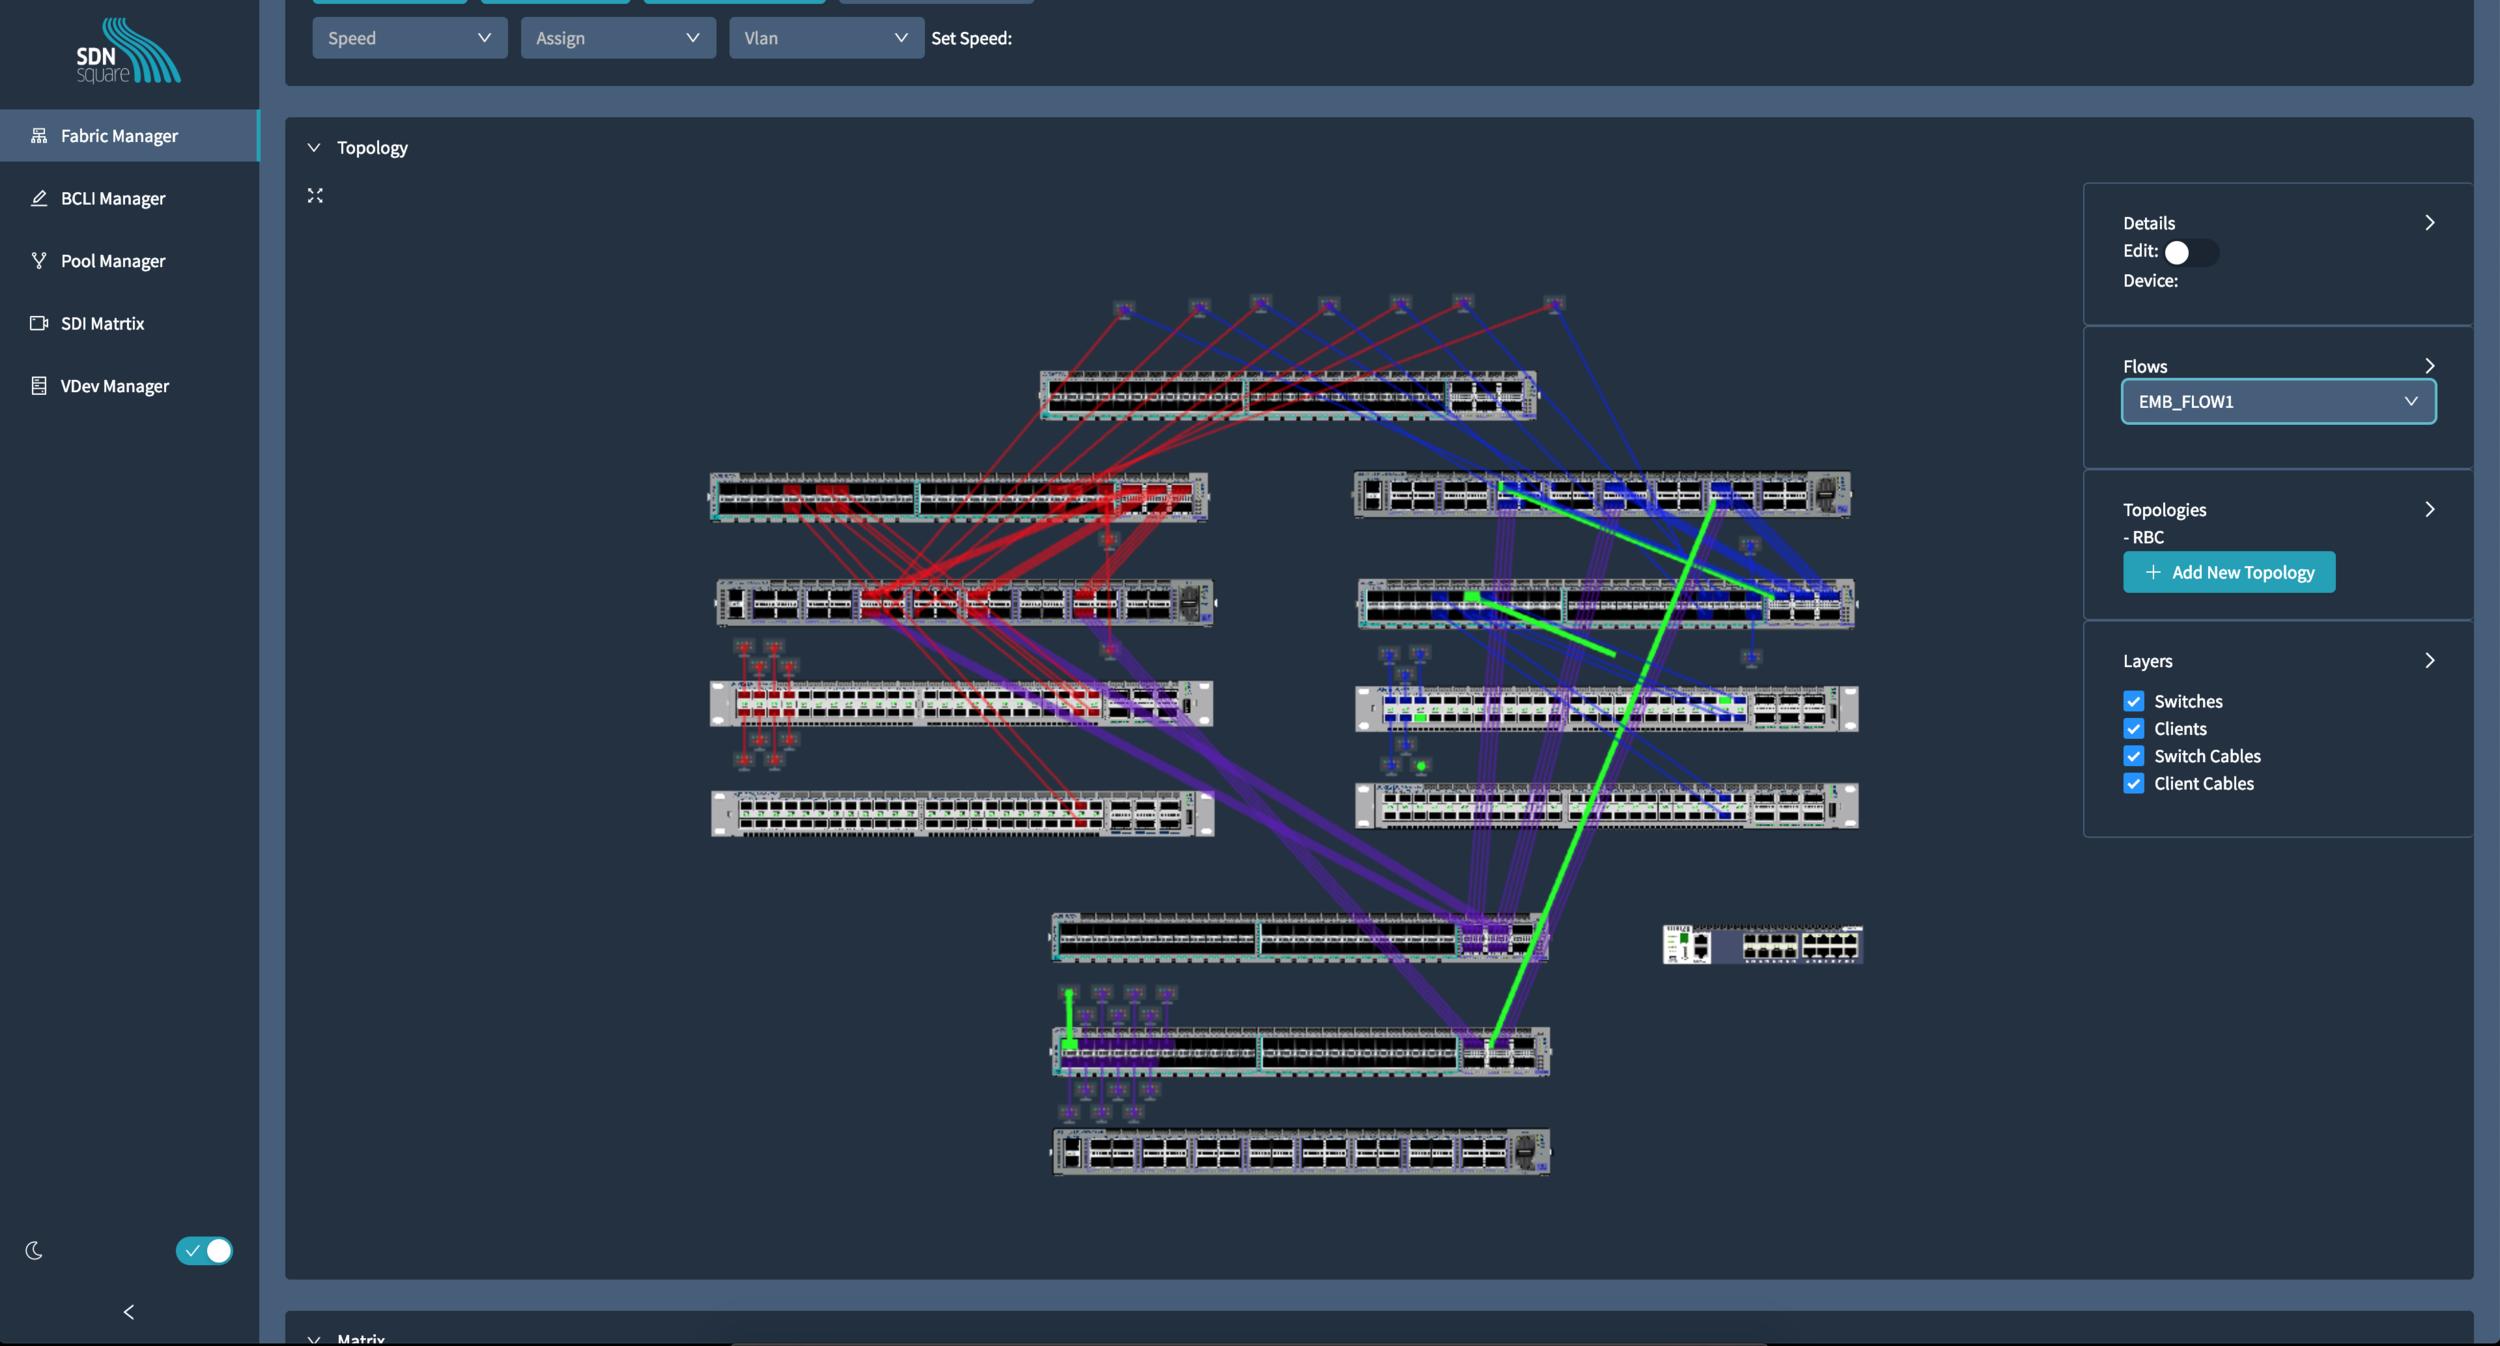 Screenshot 2019-03-12 at 10.46.39.png